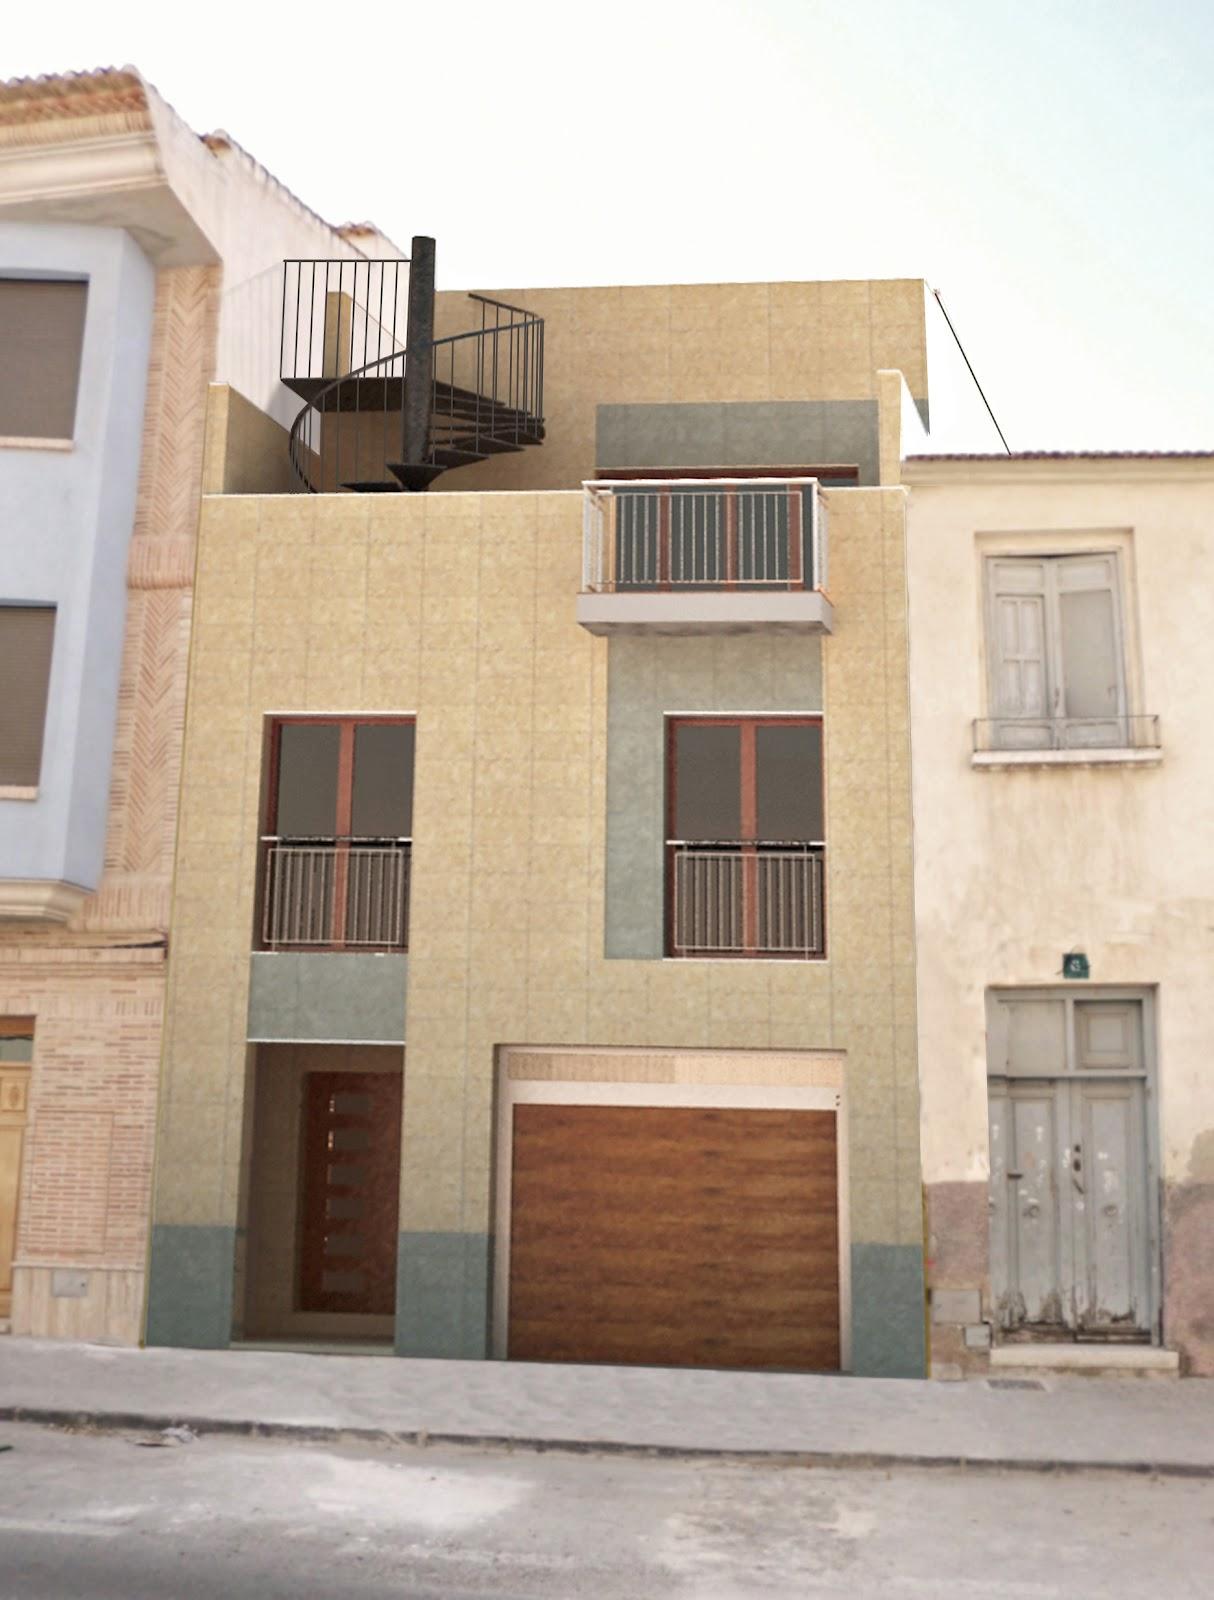 Vivienda unifamiliar entre medianeras for Fachadas de casas modernas entre medianeras